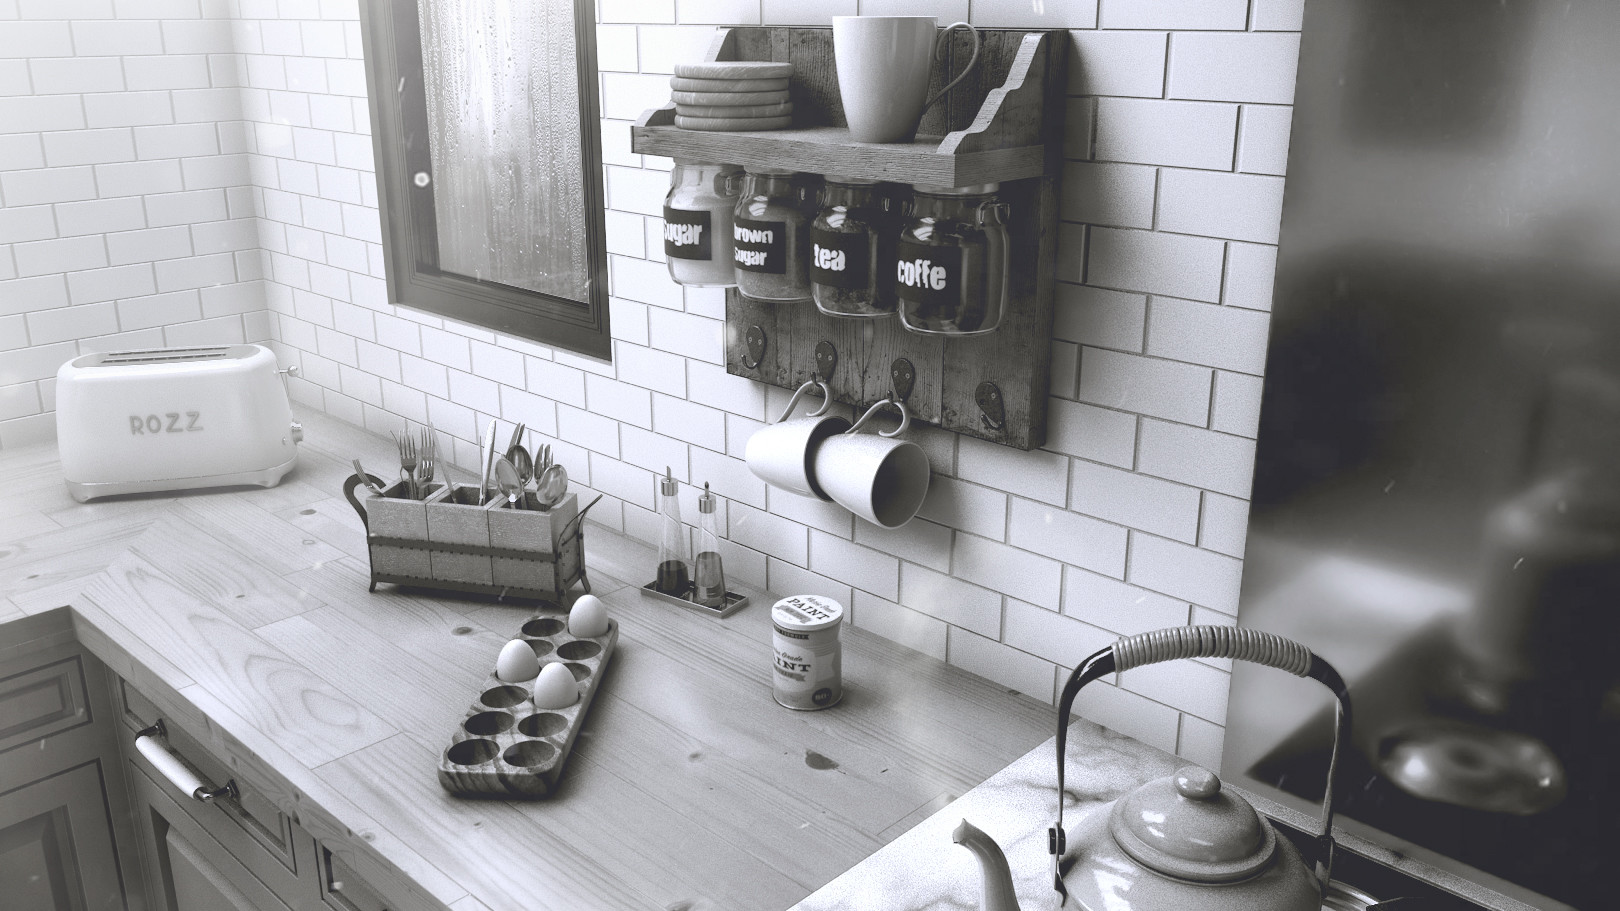 Rakan khamash kitchen 2 render